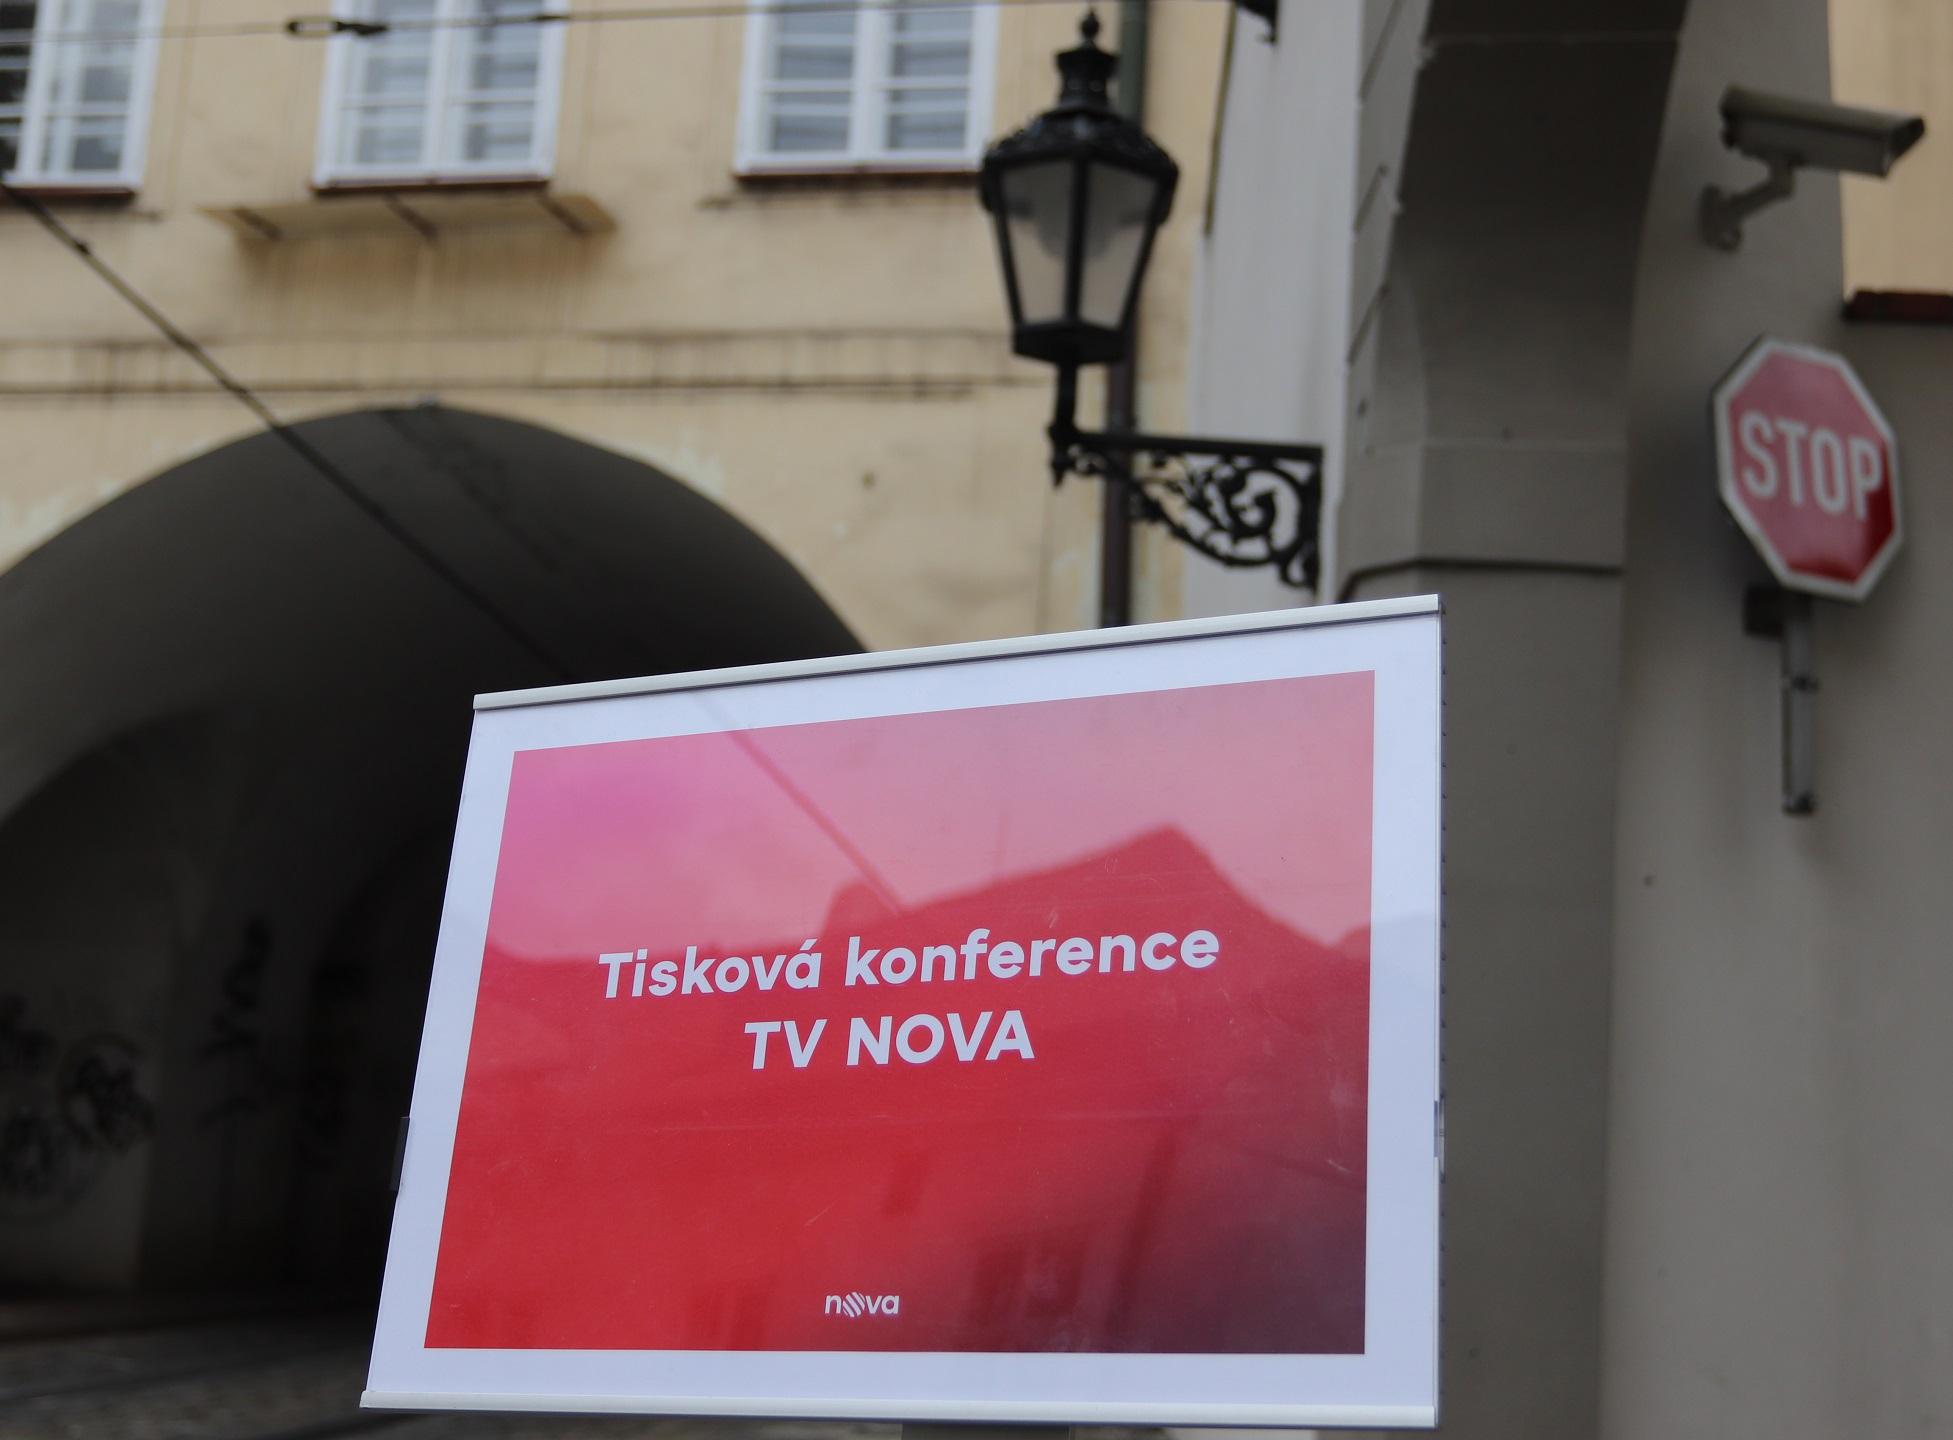 Tisková konference skupiny Nova, autor fotografie: Martin Petera